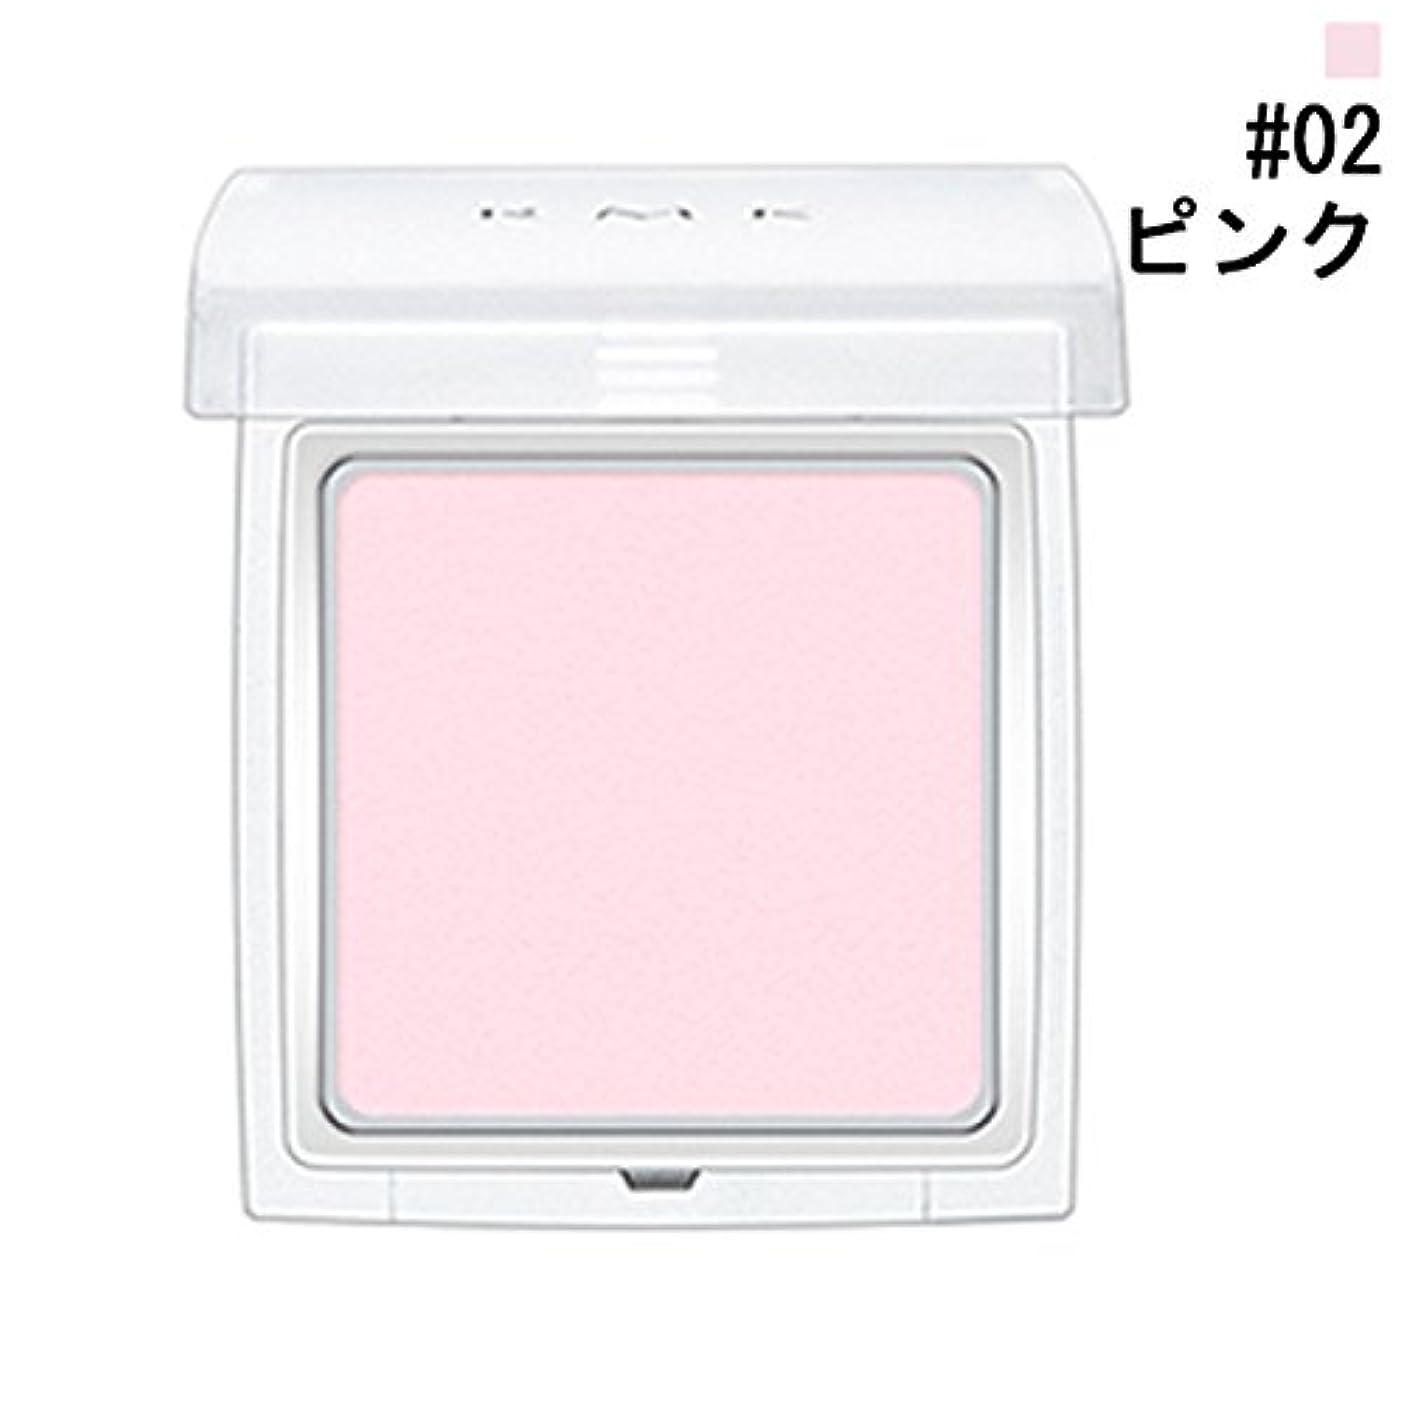 採用ベンチ準備した【RMK (ルミコ)】インジーニアス アイシャドウベース N #02 ピンク 2.2g